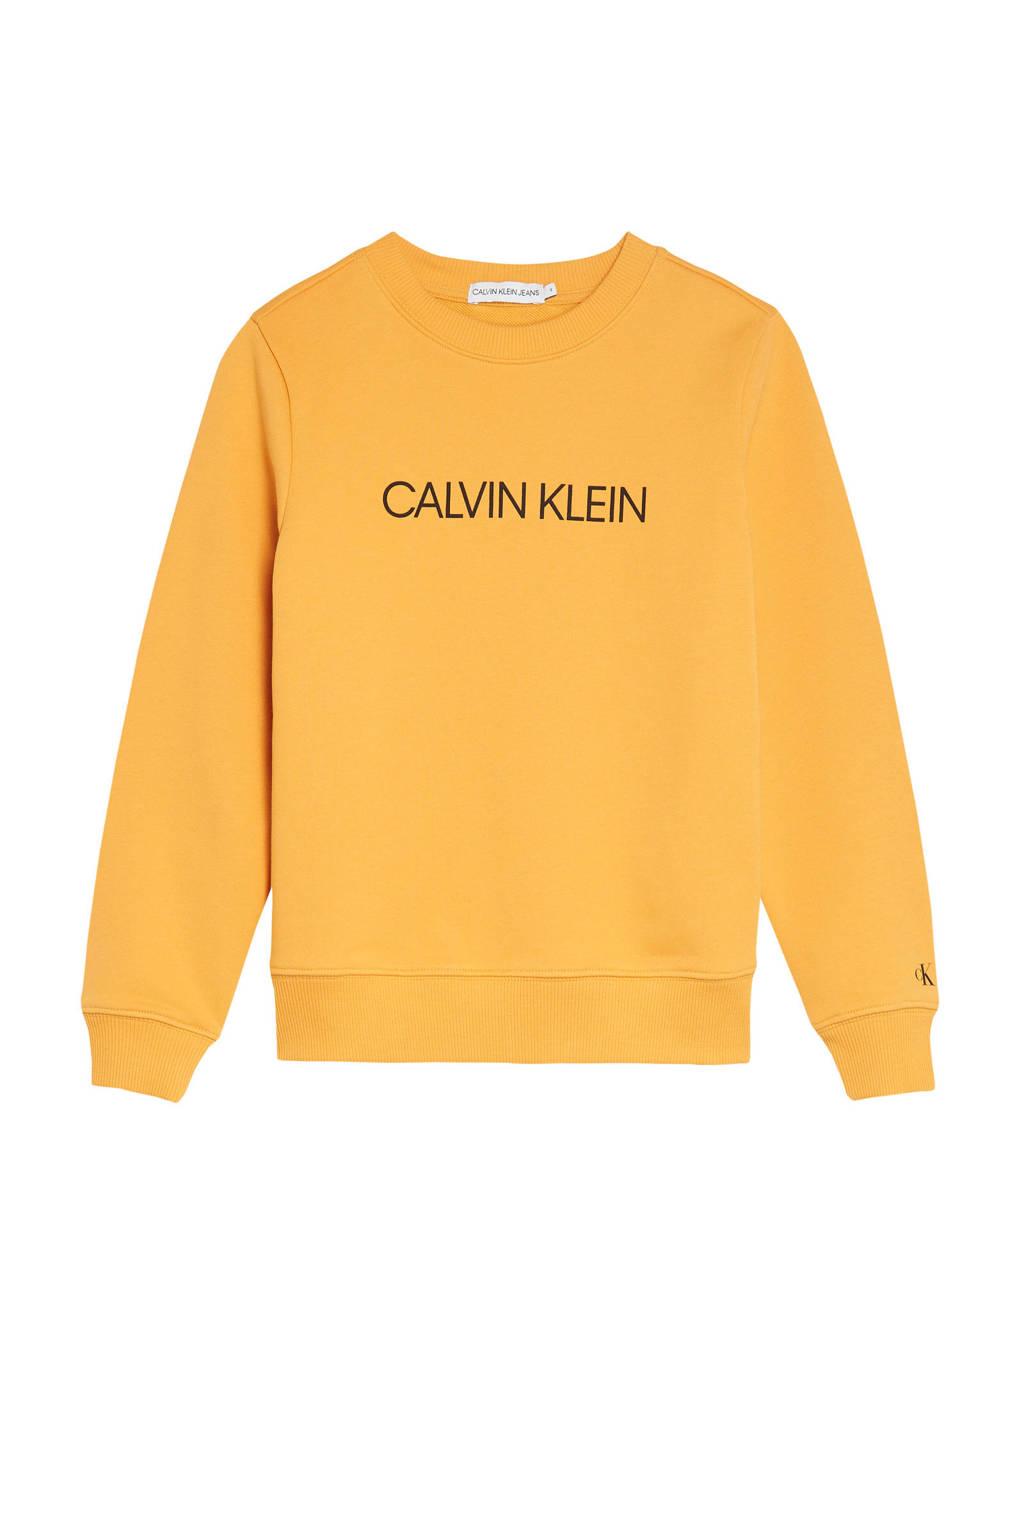 CALVIN KLEIN JEANS sweater met logo geel, Geel